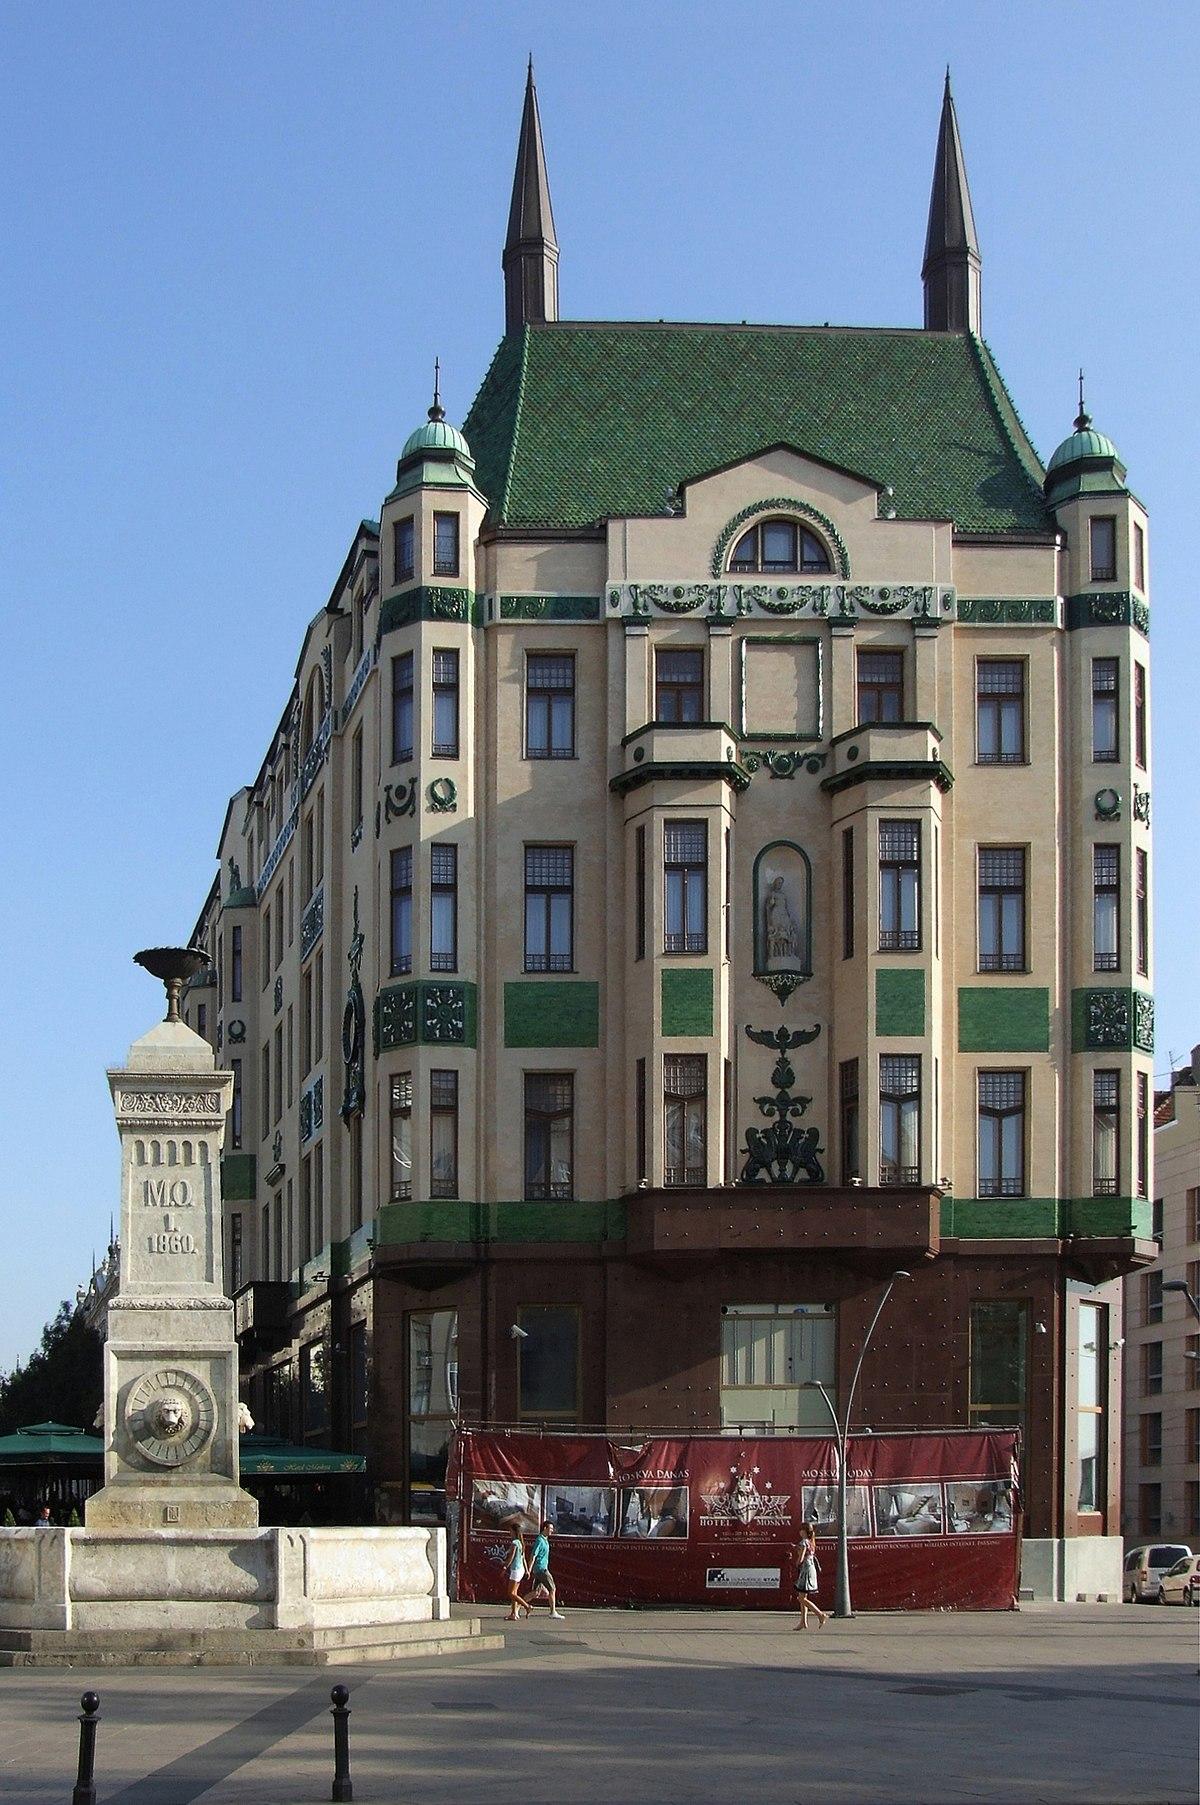 Hotel moskva beograd wikipedija for Hotel belgrado